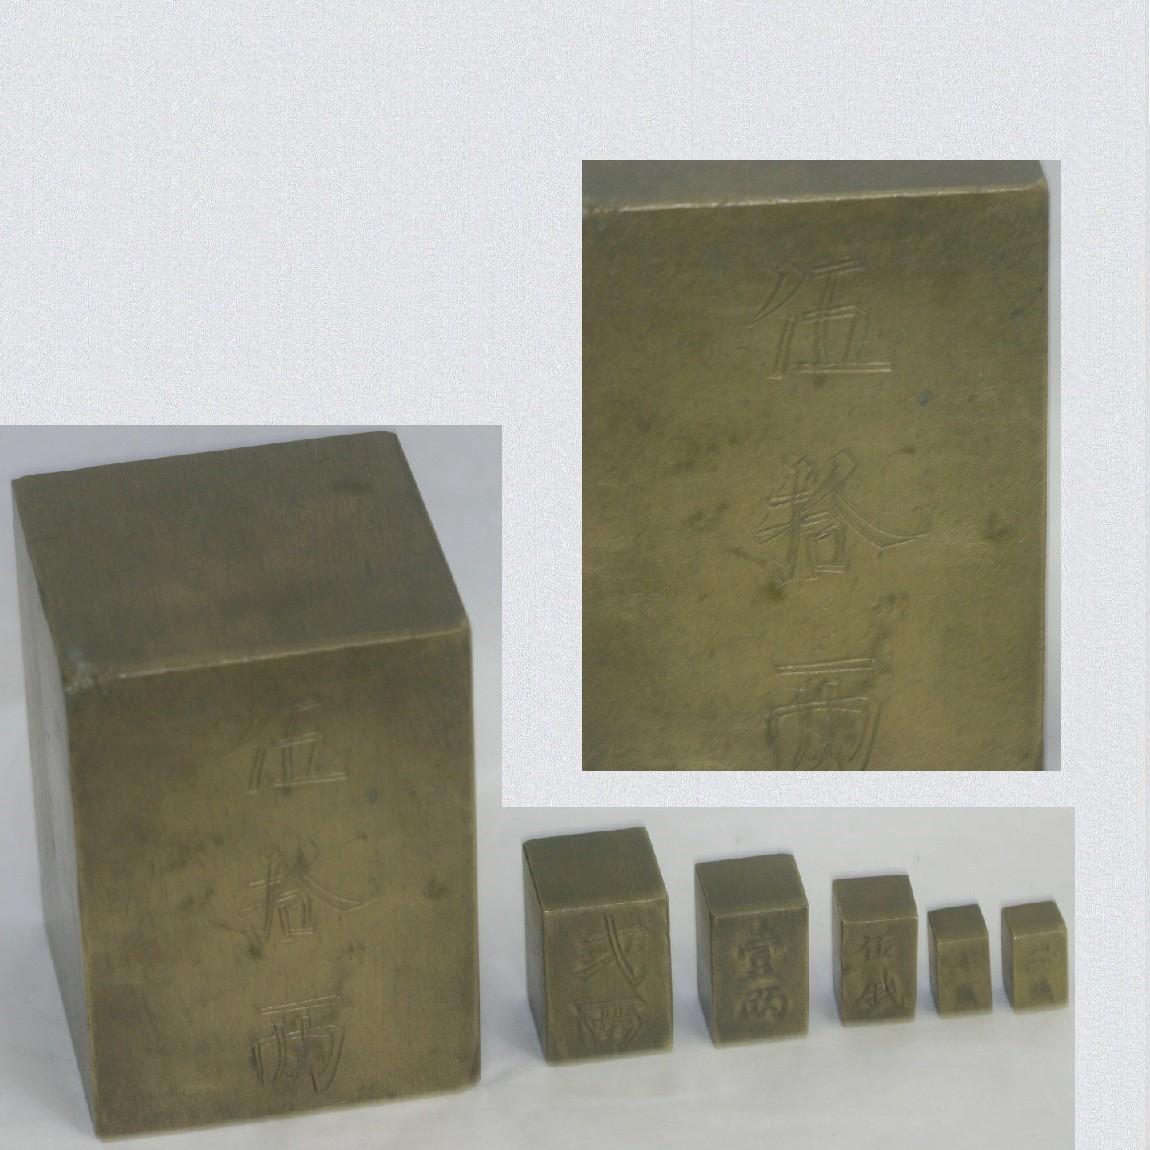 【中古】アンティークな昔の測りに使用する重り大小6個真鍮素材 ○B11-122-2